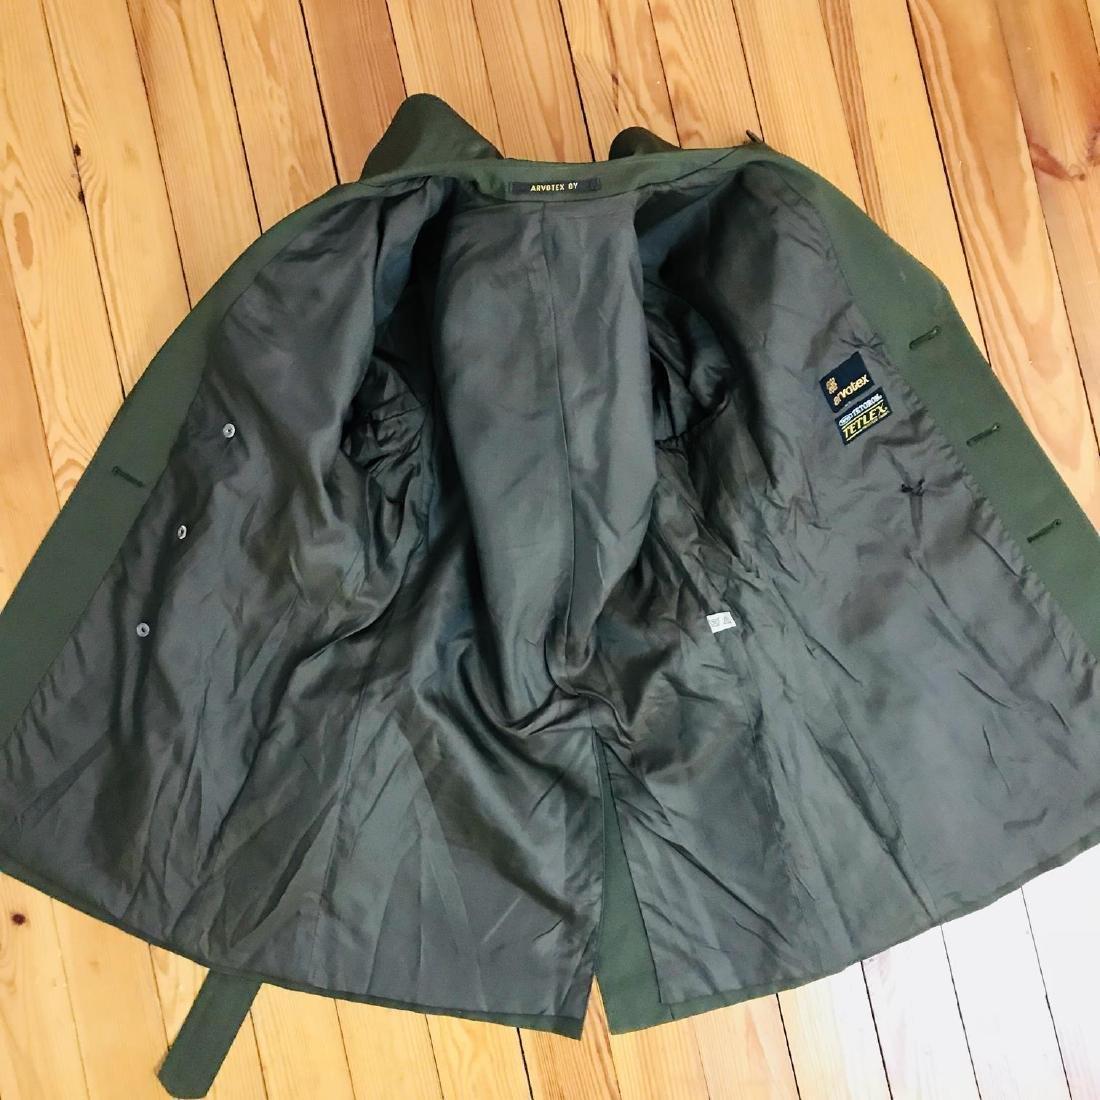 Vintage Men's Green Trench Coat Size US 38 / EUR 48 - 4